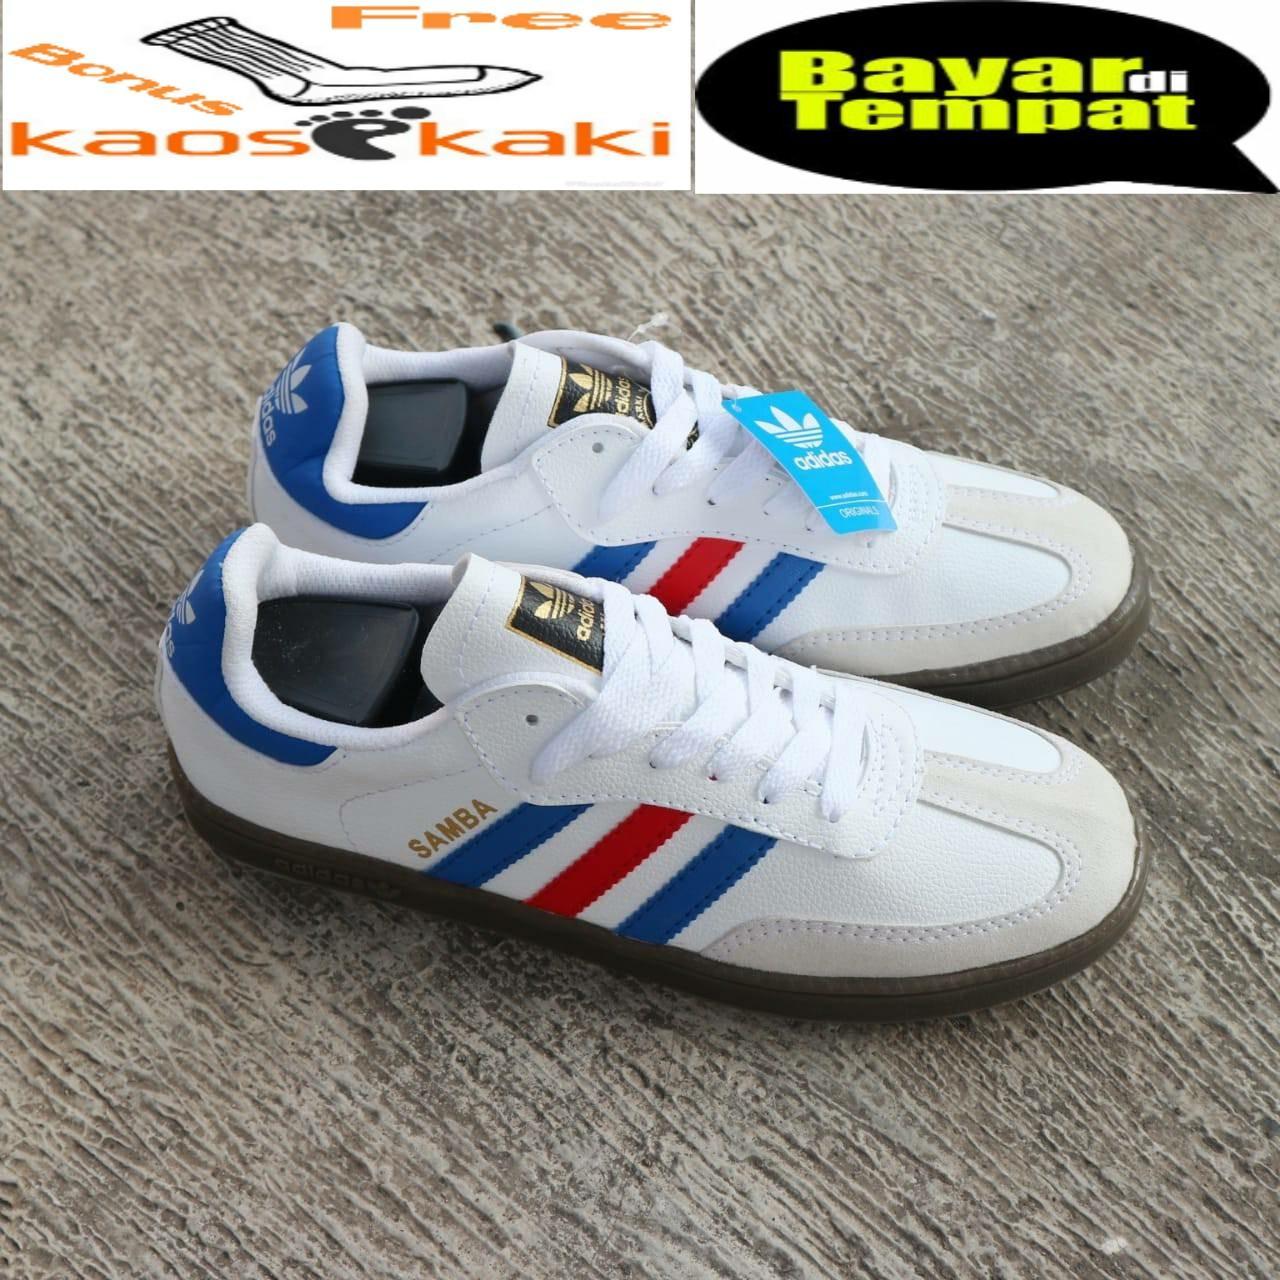 sepatu sneakers olahraga sambA men sneakers adidas_samba men termurah sepatu santai terbaru